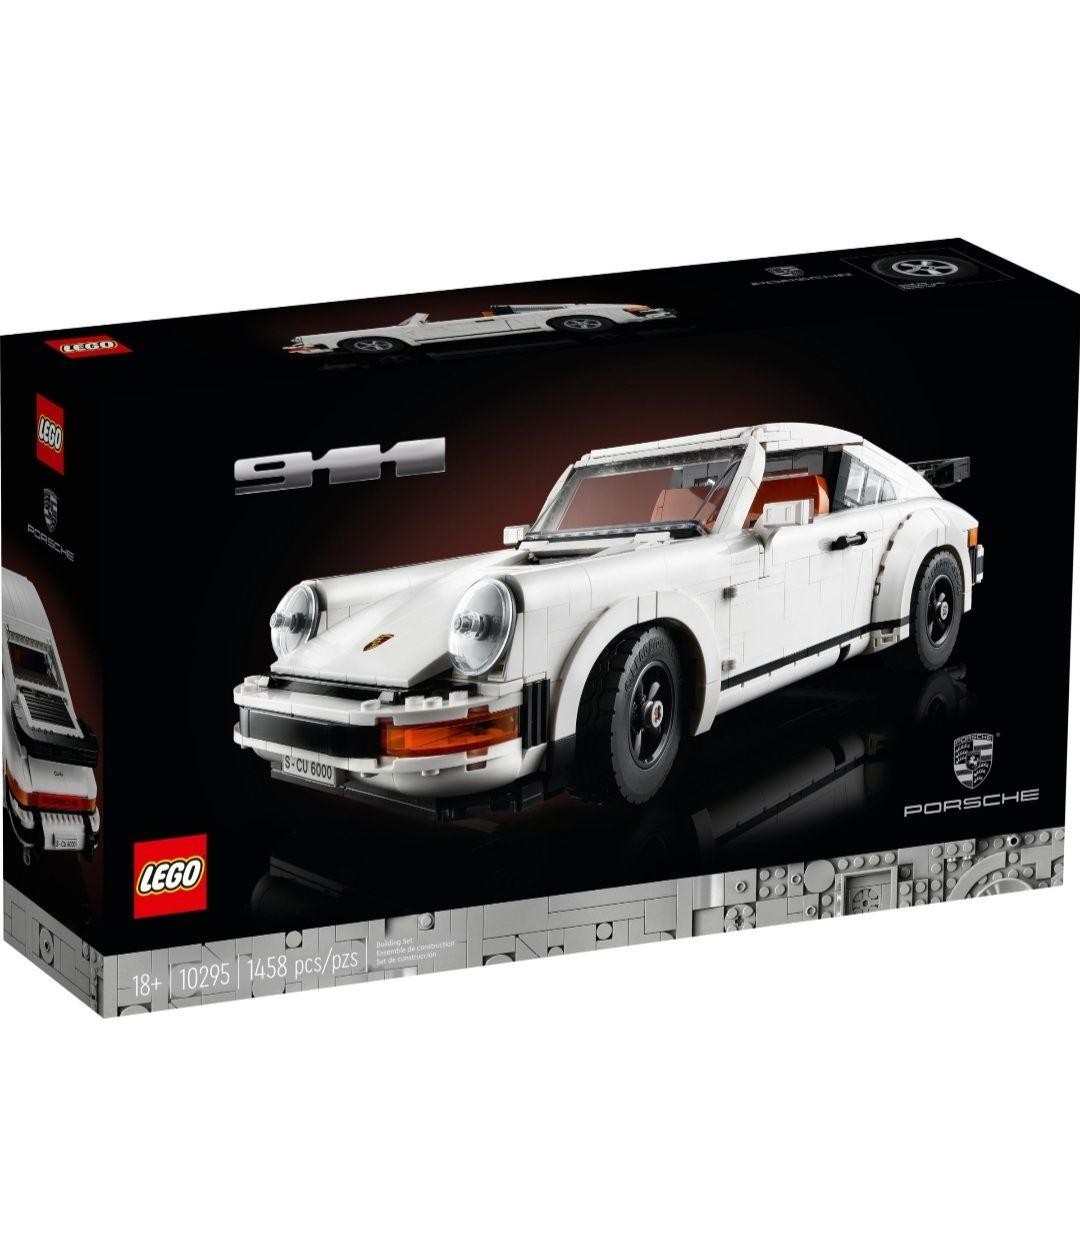 Lego 10295, porsche 911